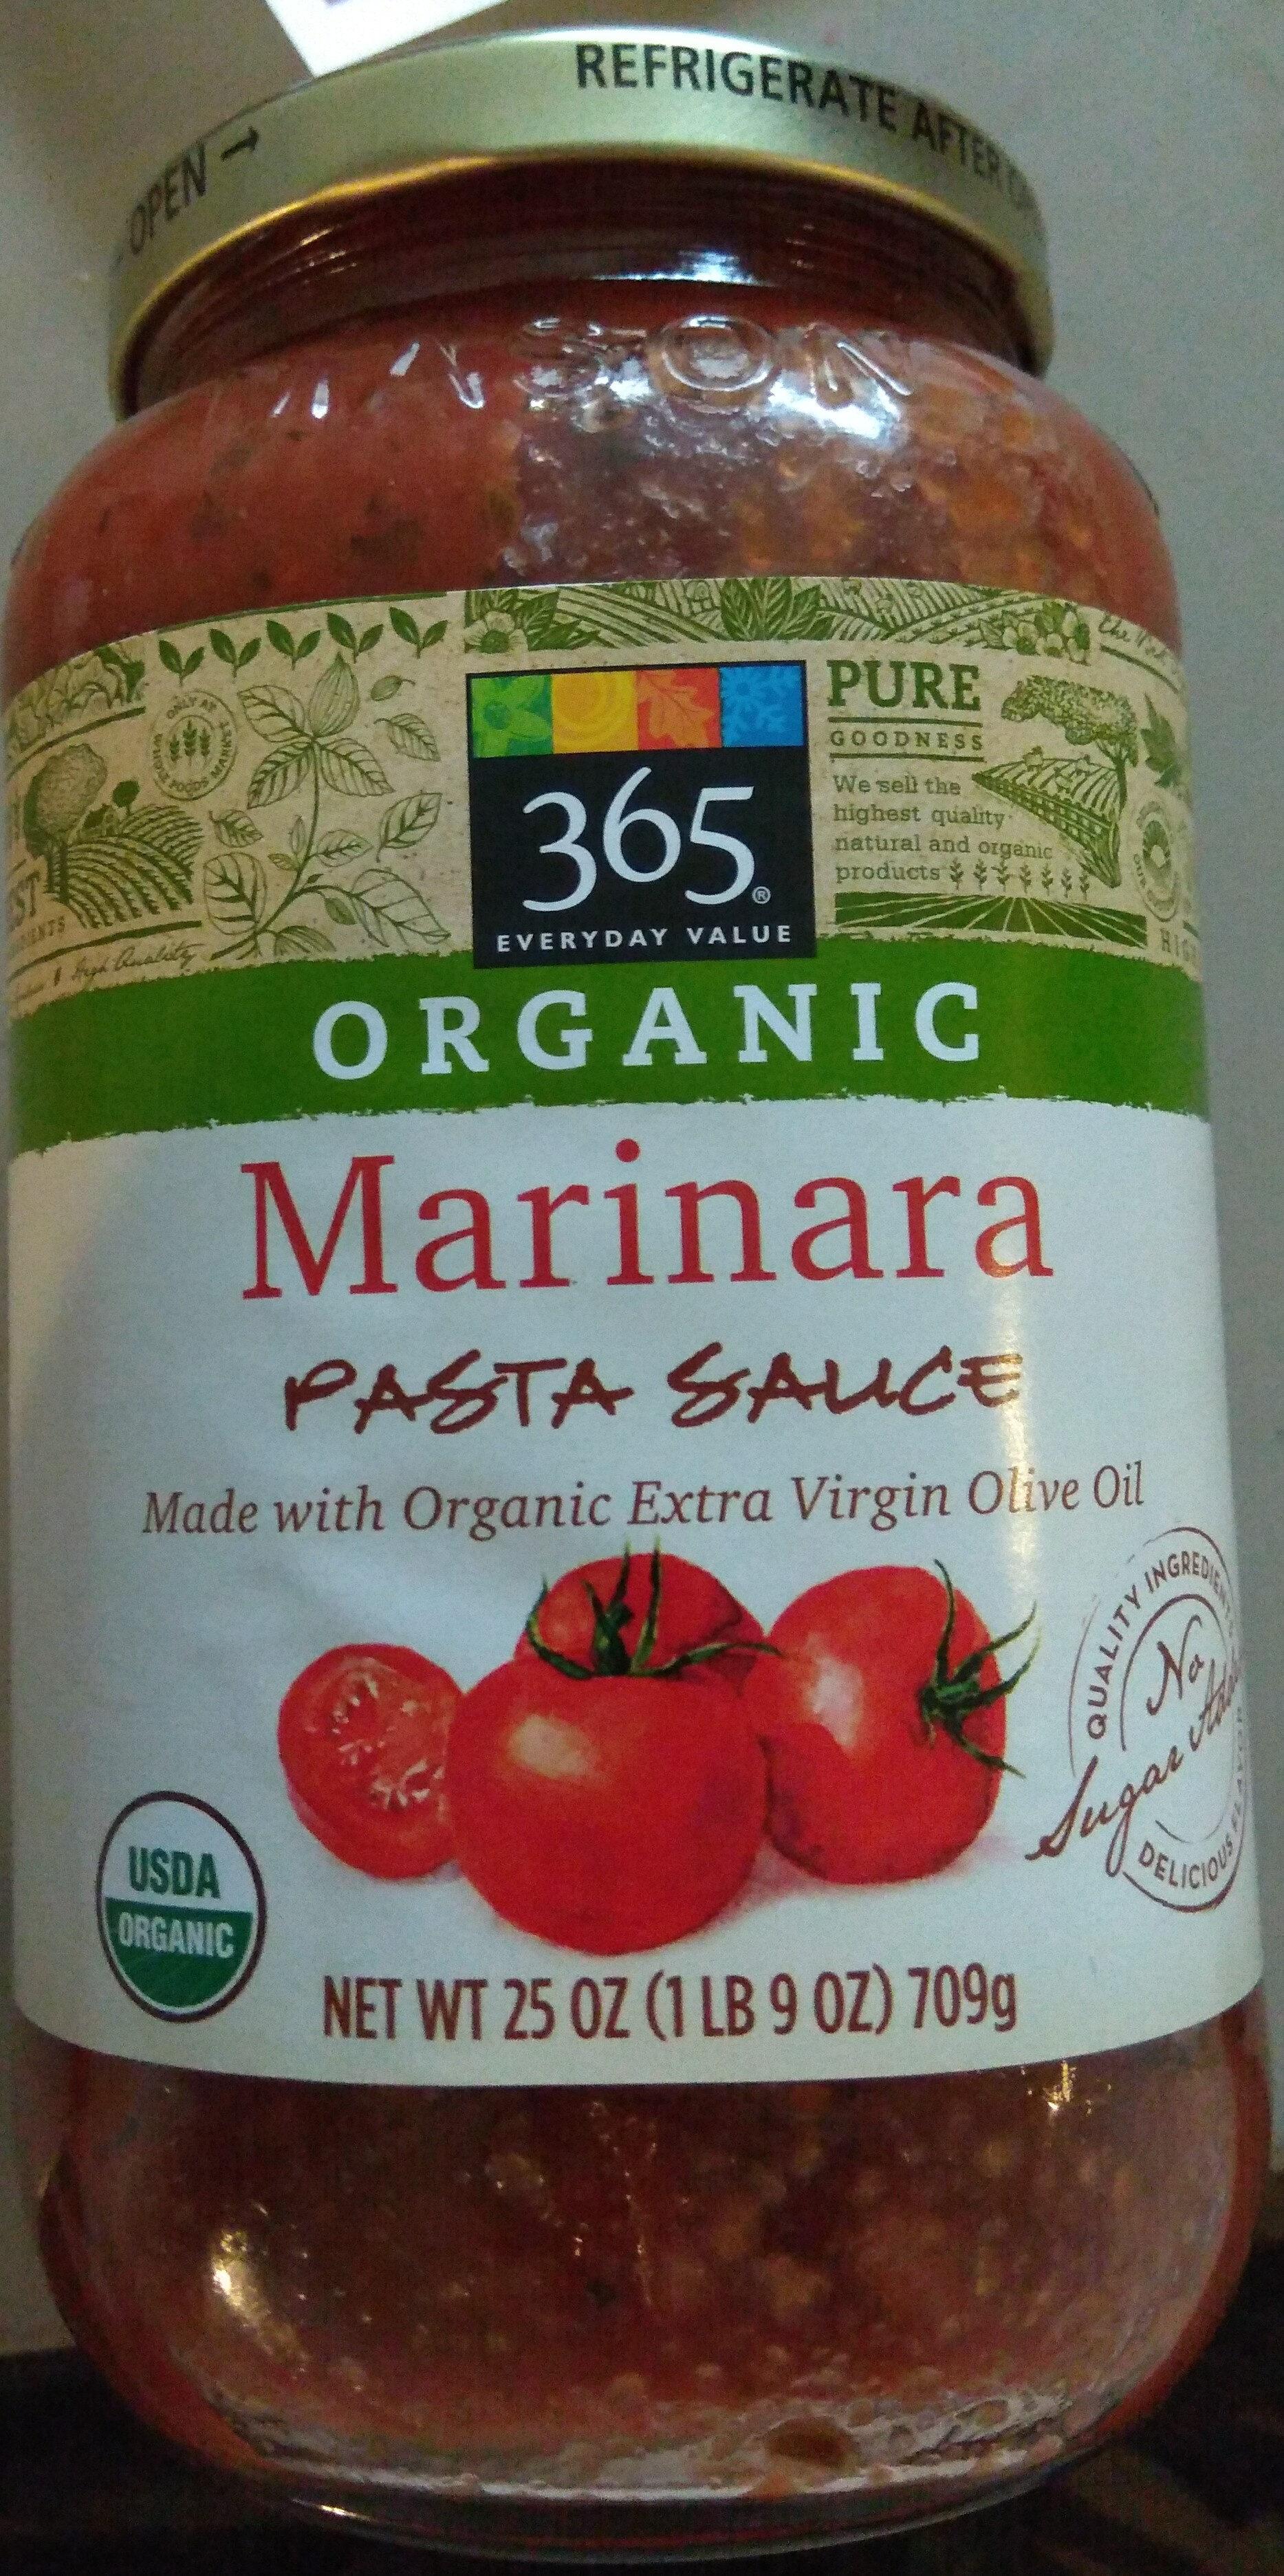 Marinara pasta sauce - Product